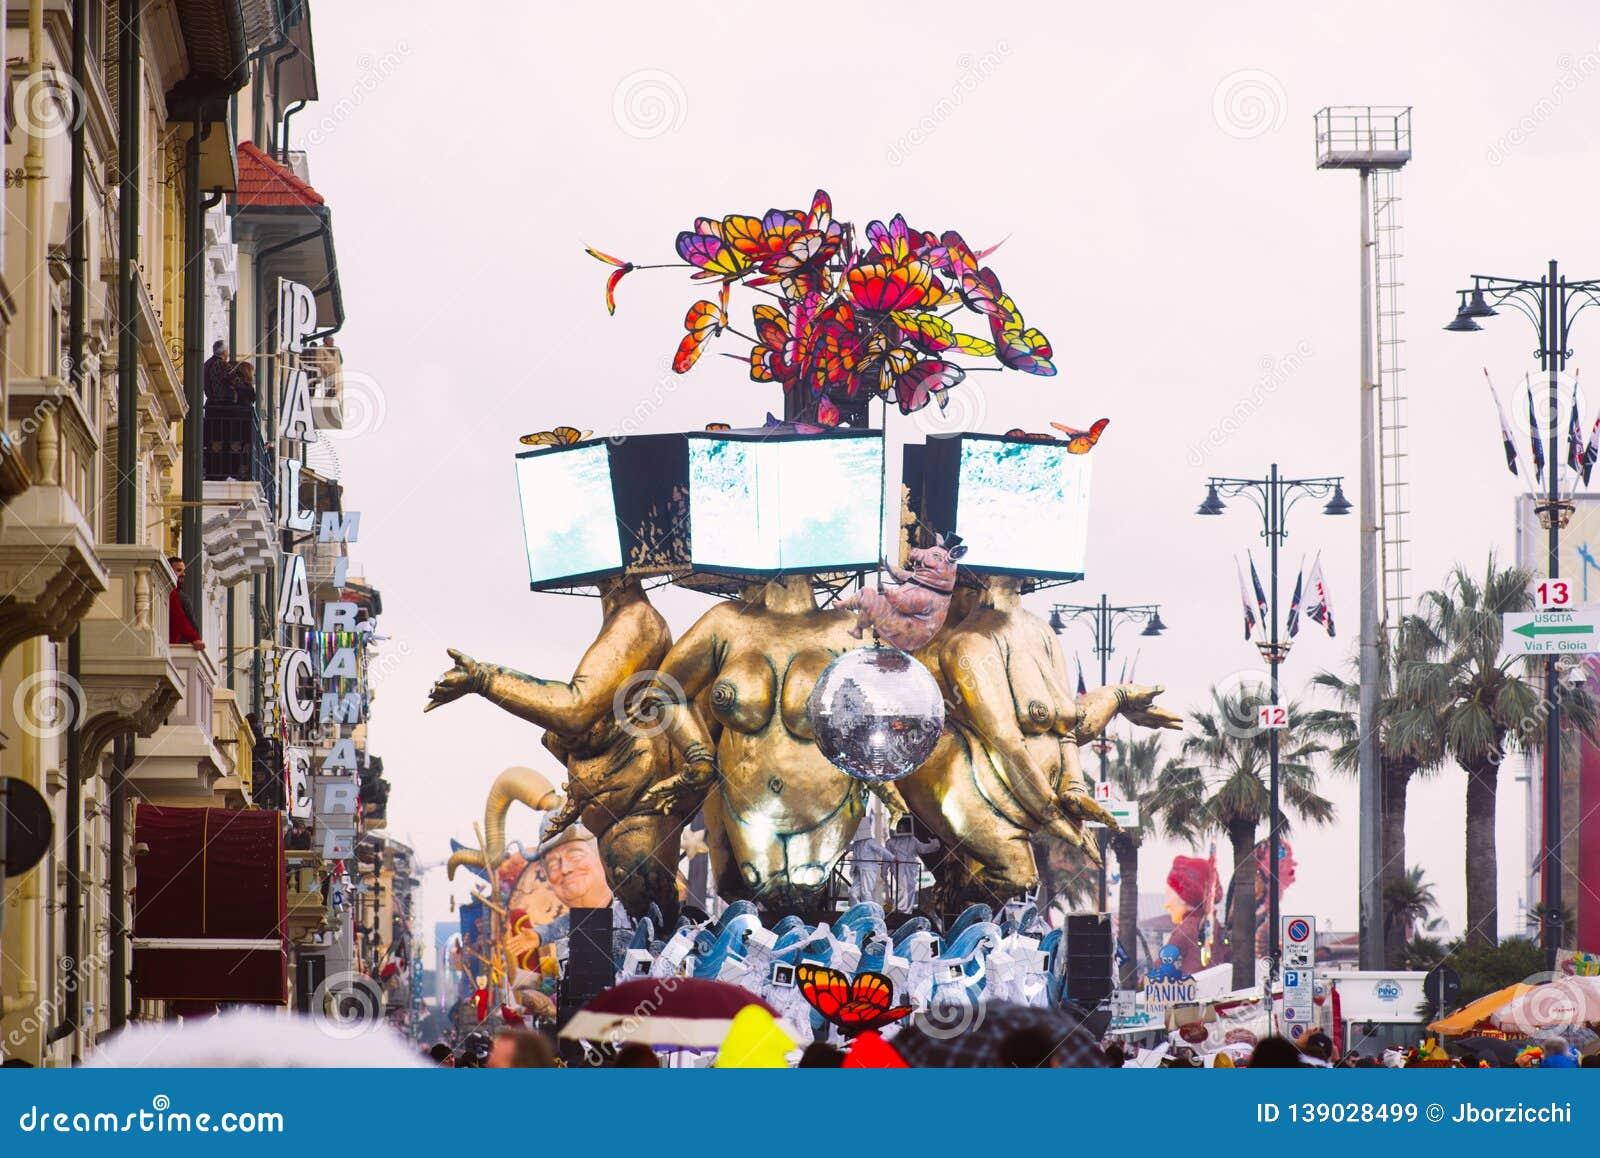 Viareggio`s Carnival,2019 Edition Editorial Stock Image - Image of